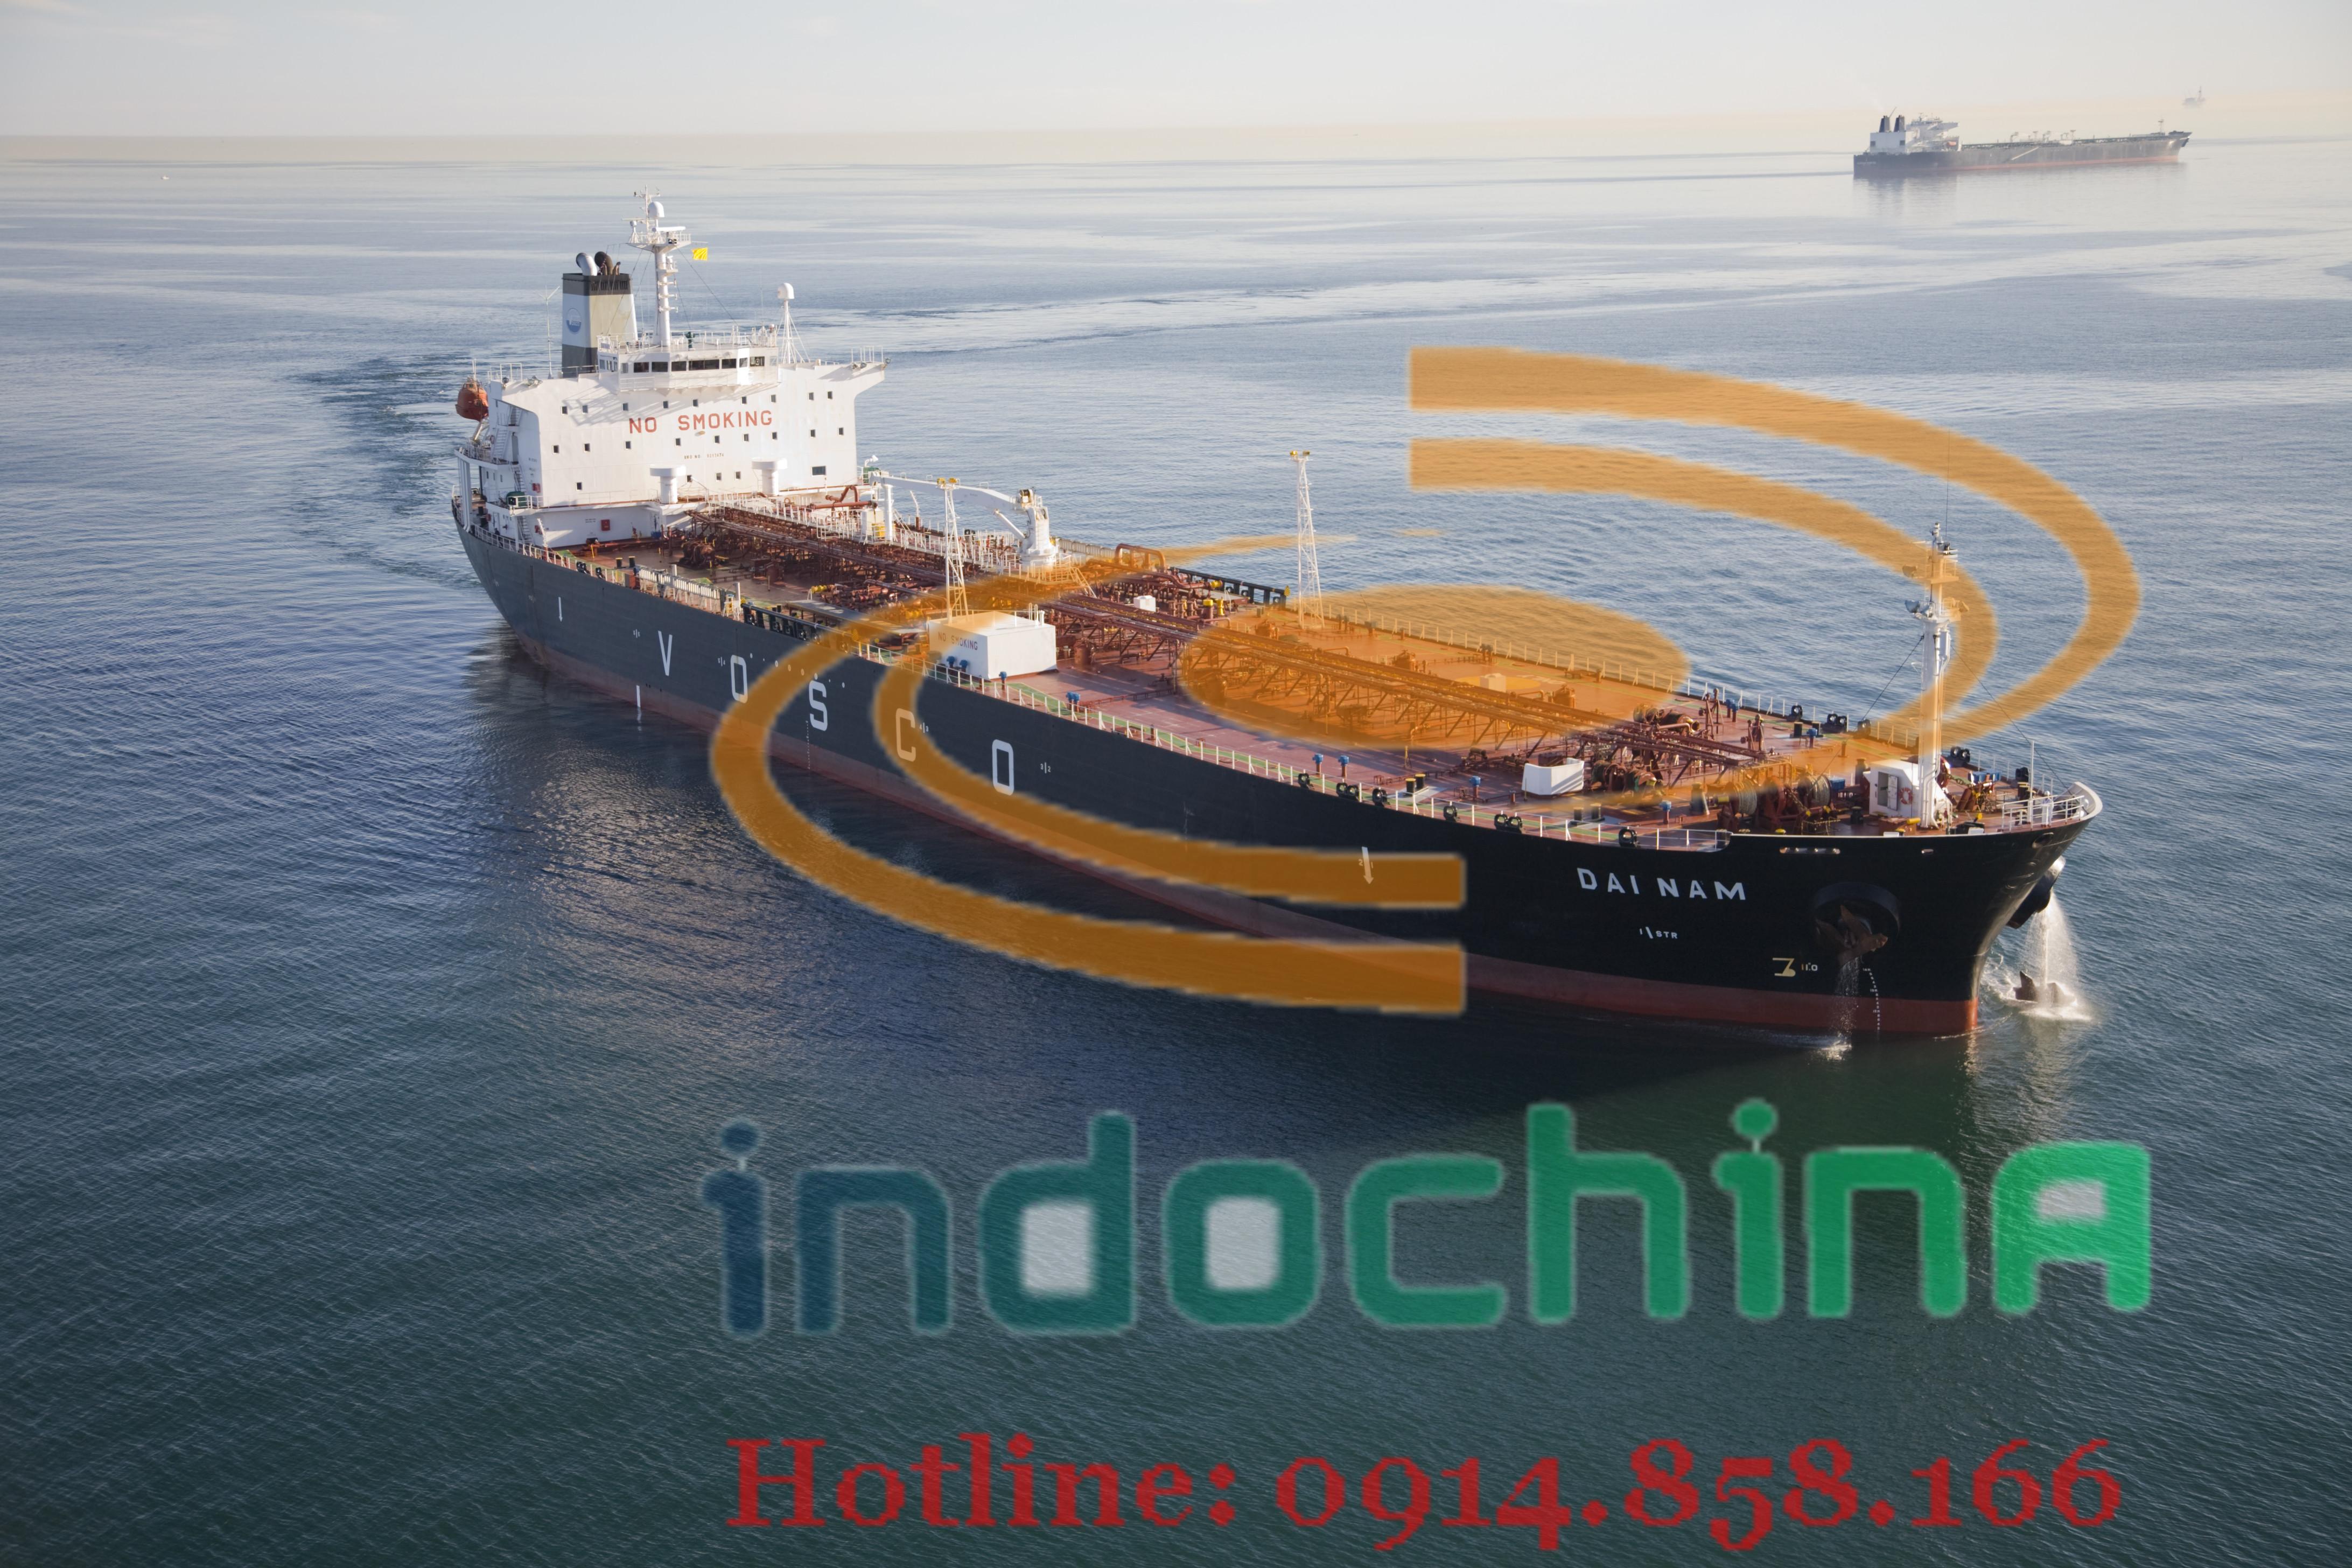 Lịch tàu vận chuyển đường biển nội địa tháng 6 - 7 mới nhất